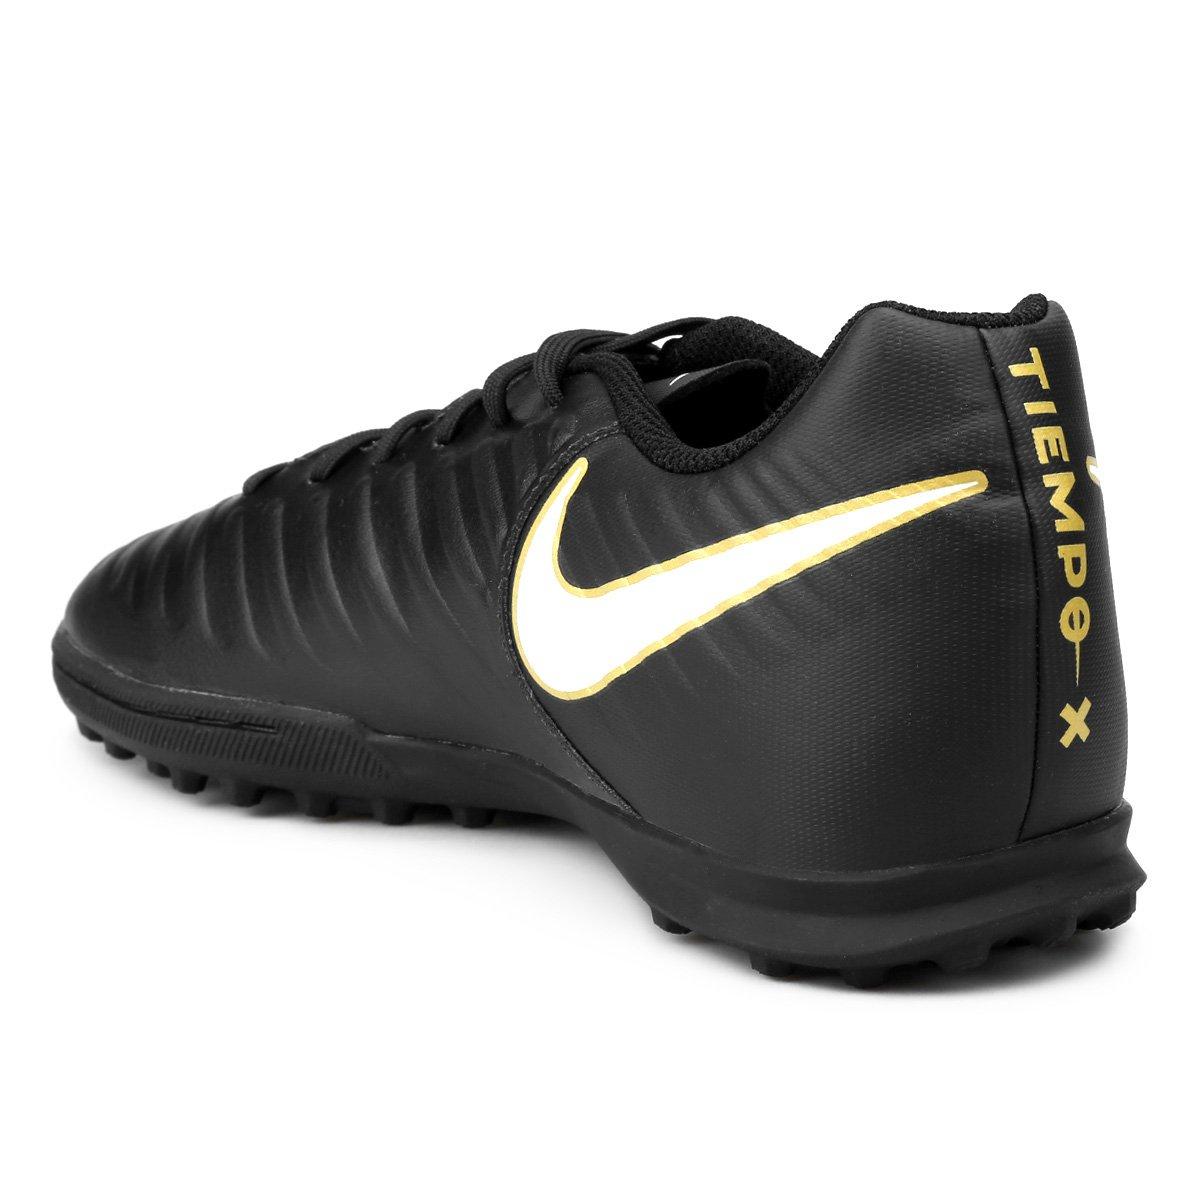 e730274d22 Chuteira Society Nike Tiempo Rio 4 TF - Preto e Branco - Compre ...